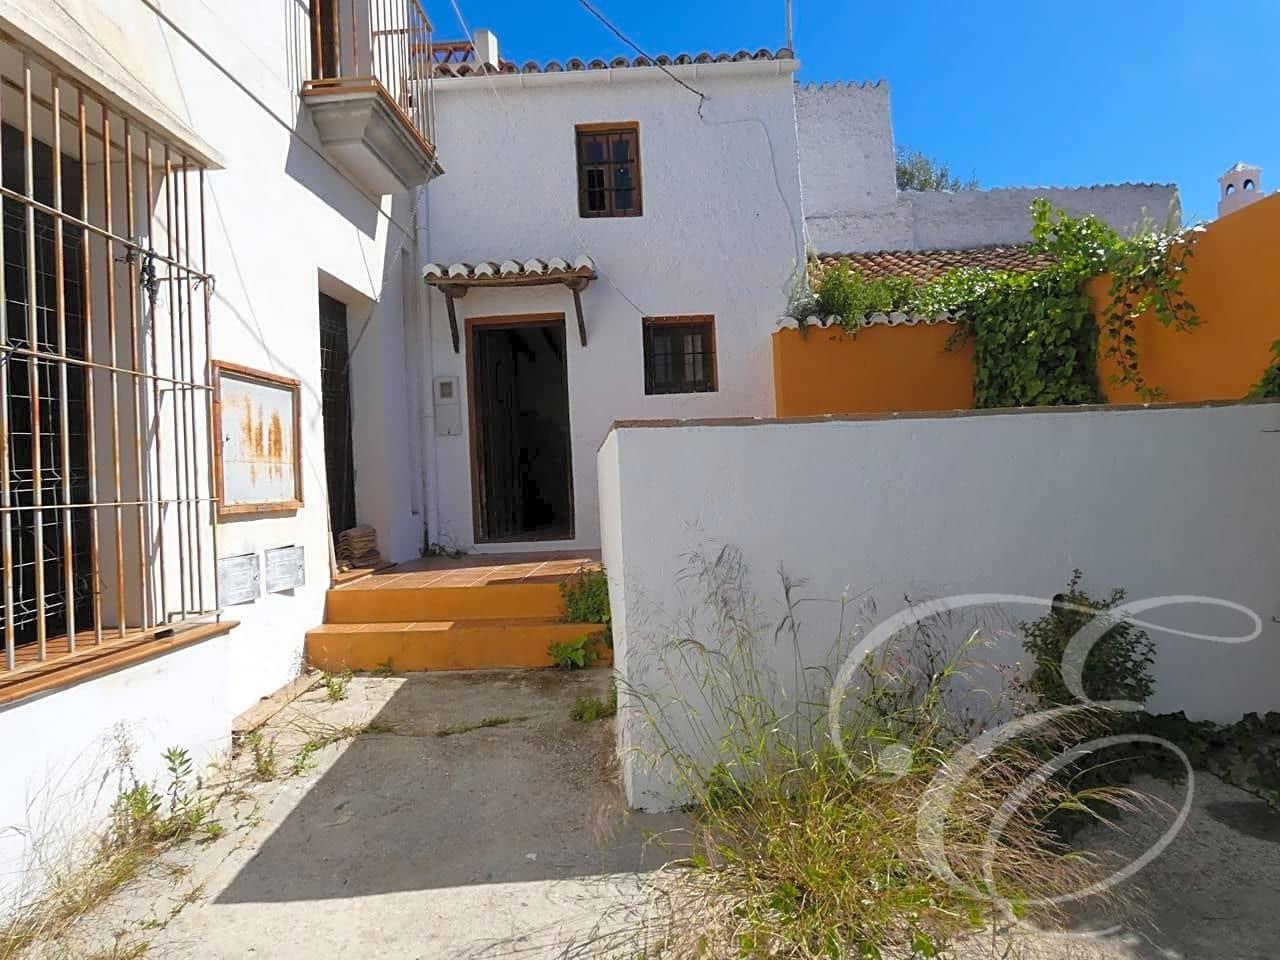 3 bedroom Villa for sale in Alcaucin - € 50,000 (Ref: 5190406)